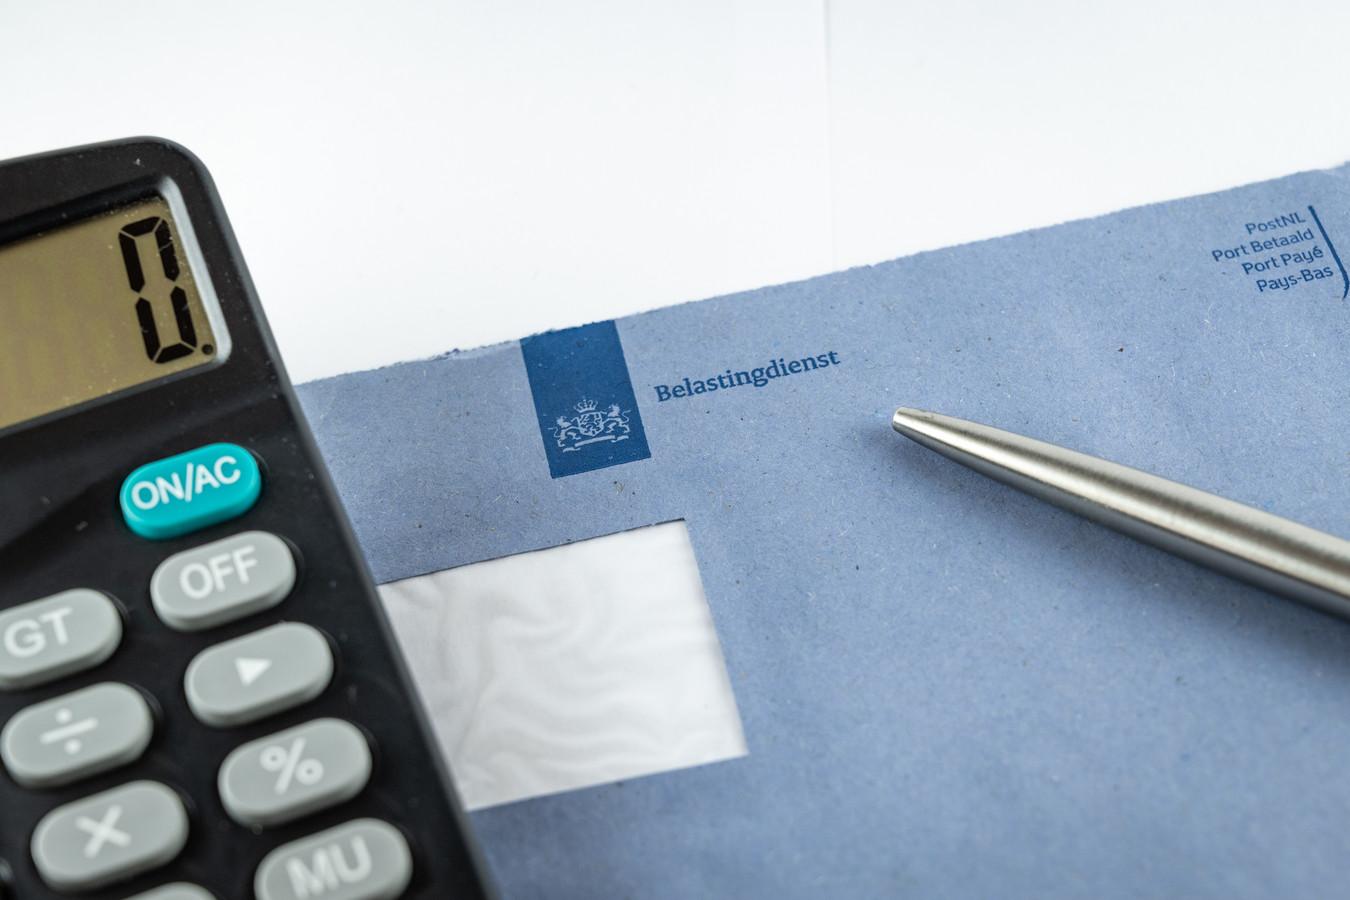 Vanaf 1 maart kan er belastingaangifte inkomstenbelasting worden gedaan over 2020.